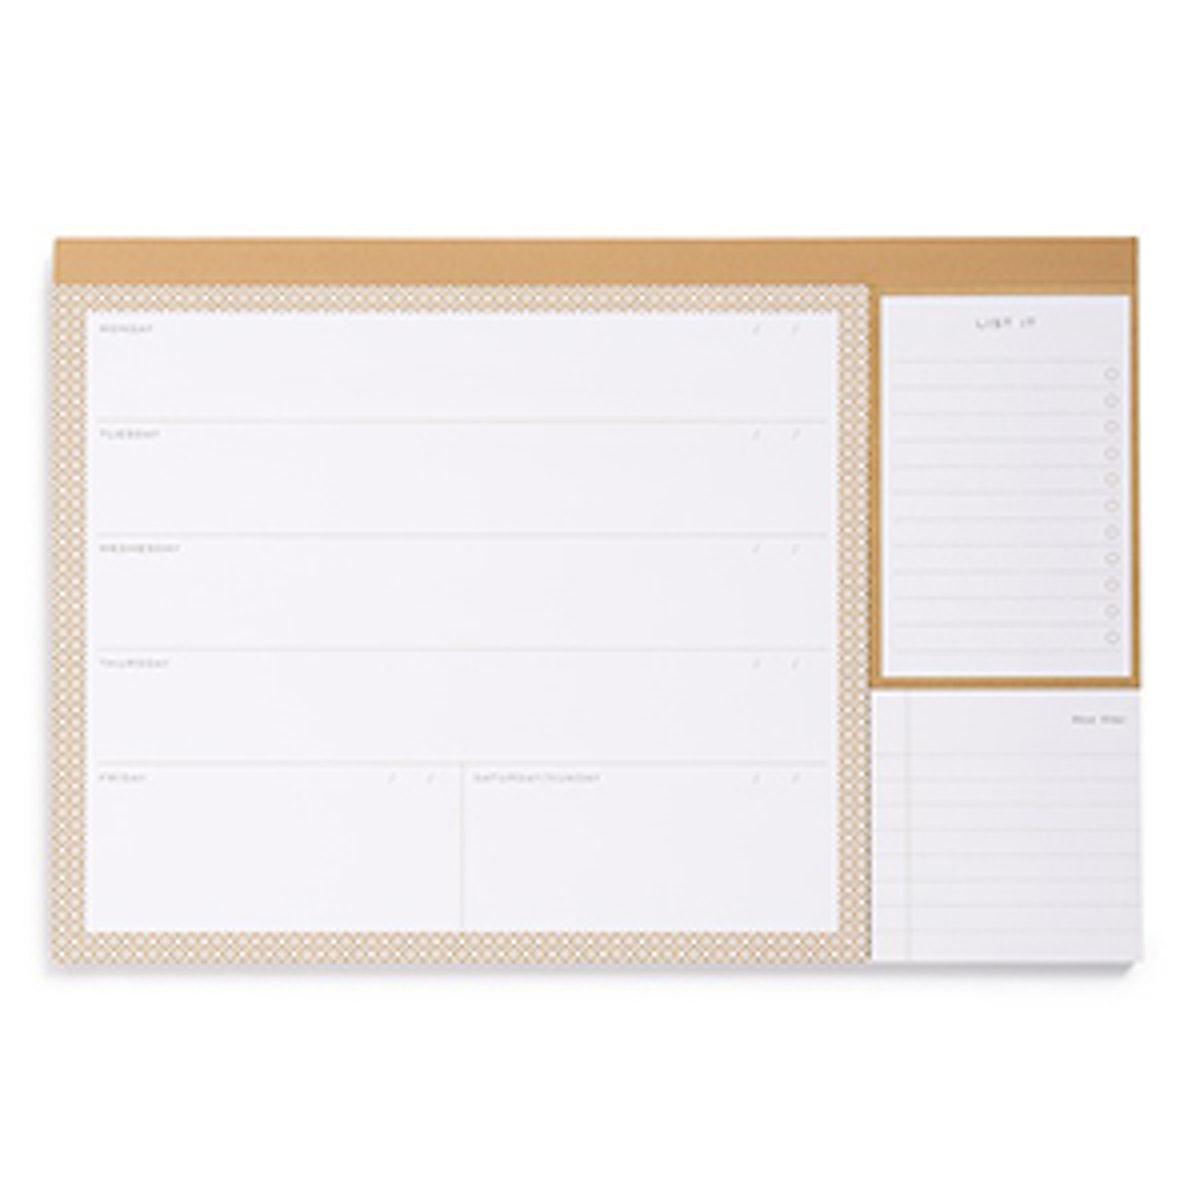 Calendar Desk Jotter